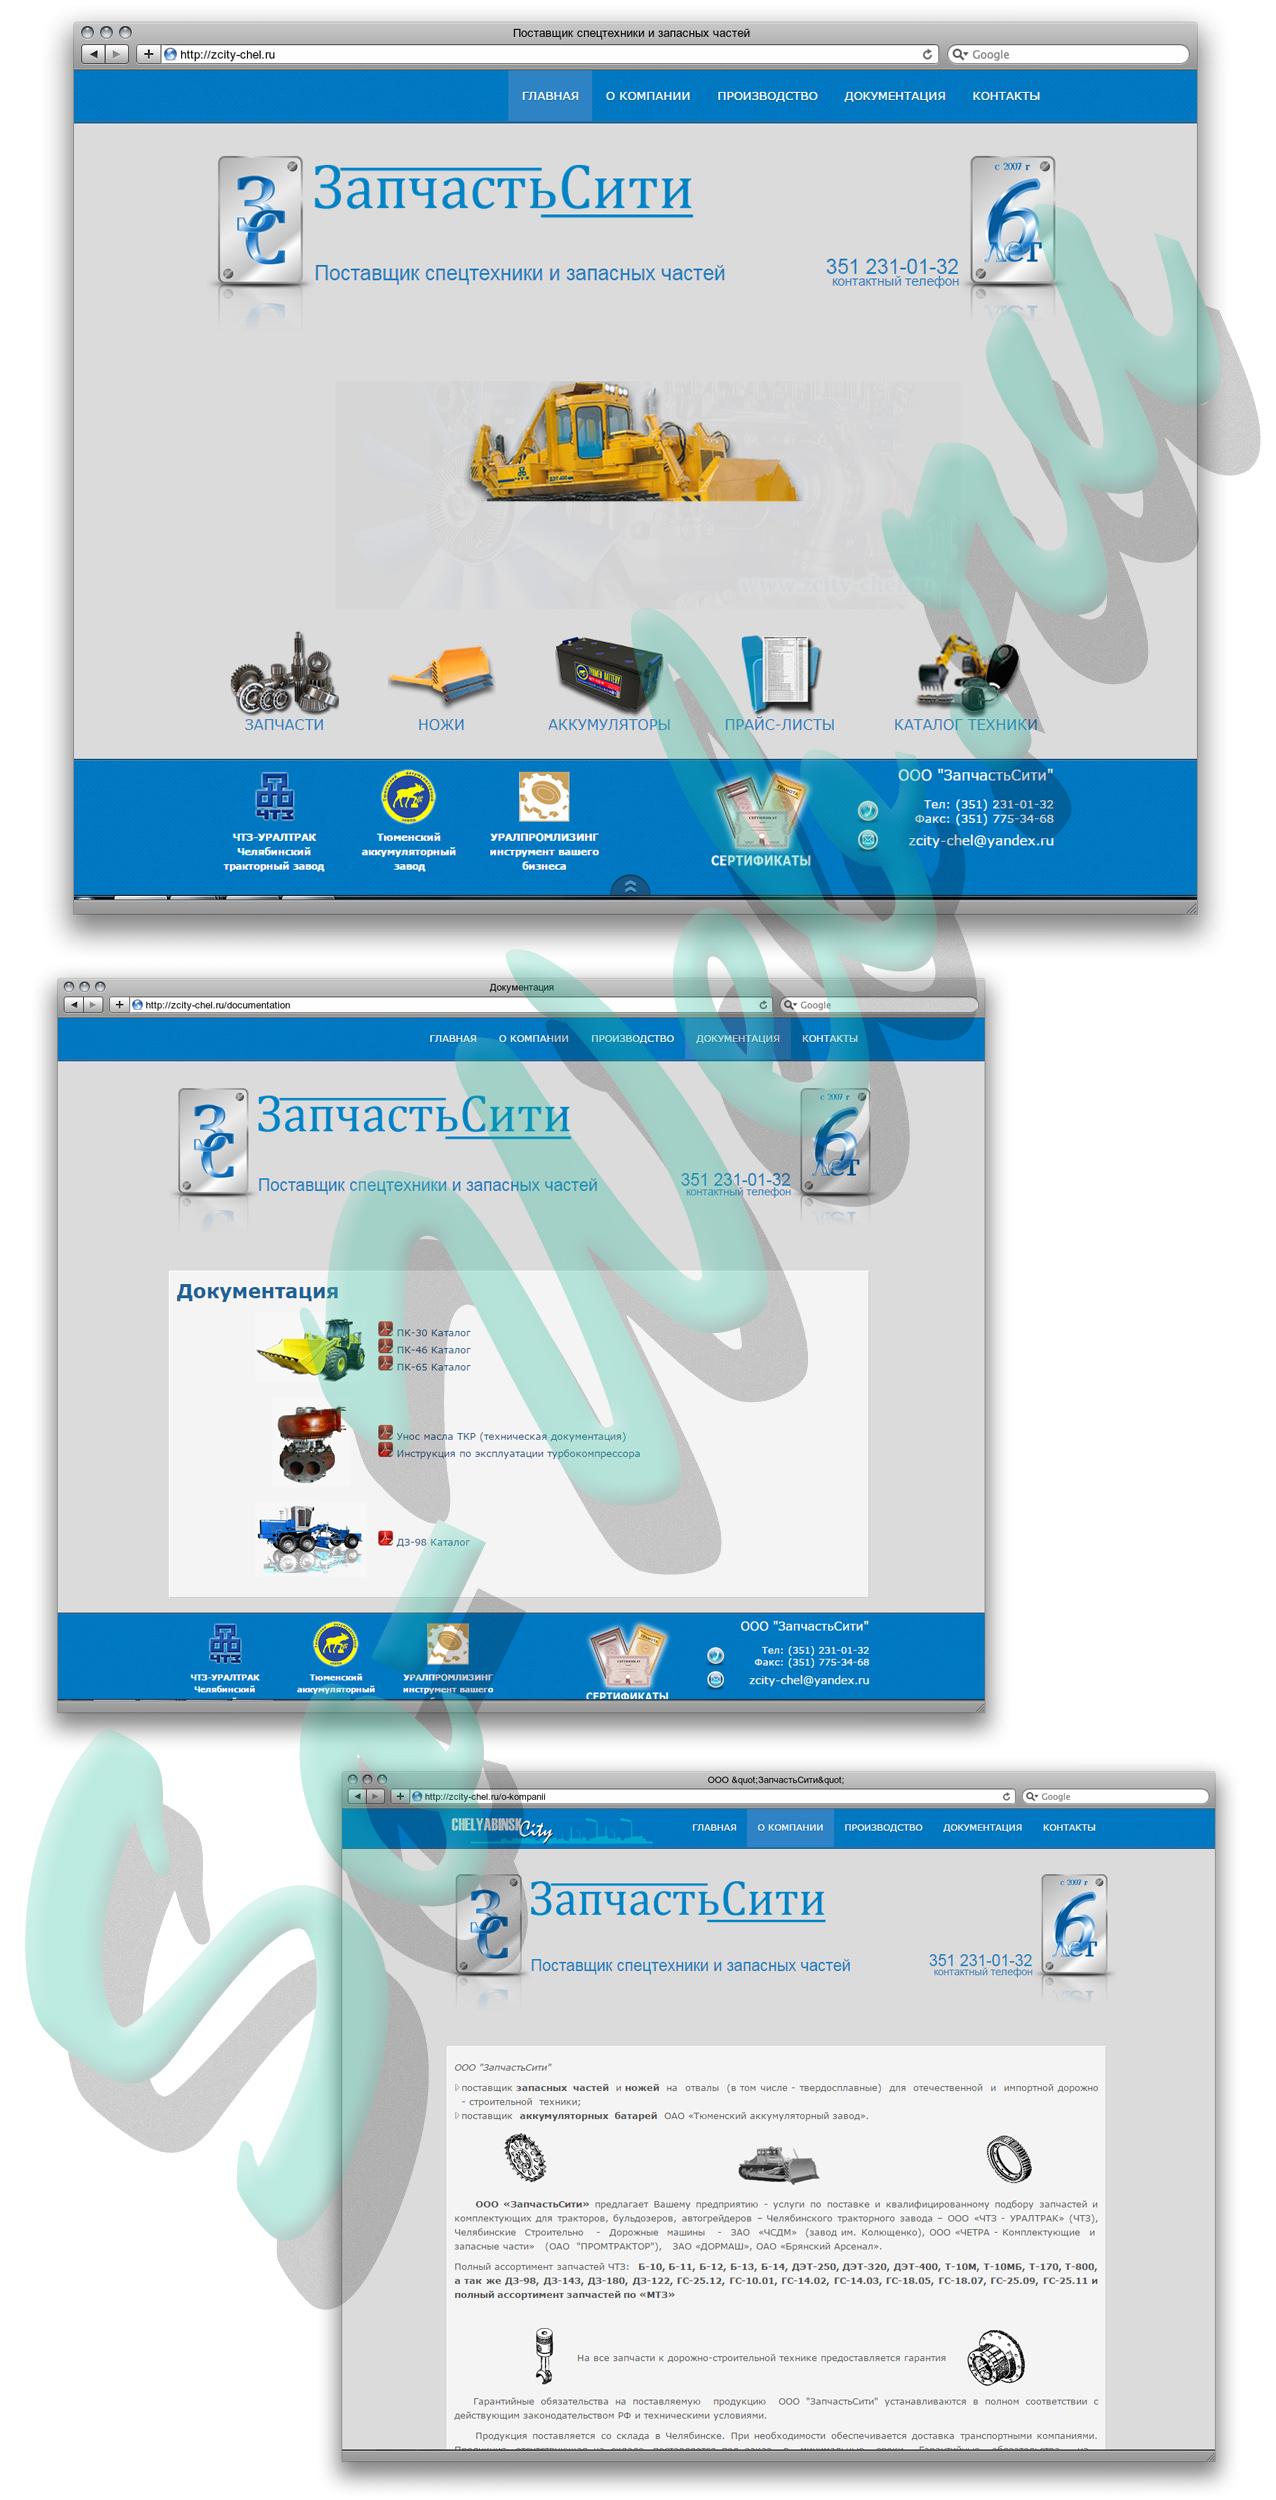 Сайт-визитка спец техники и запасных частей